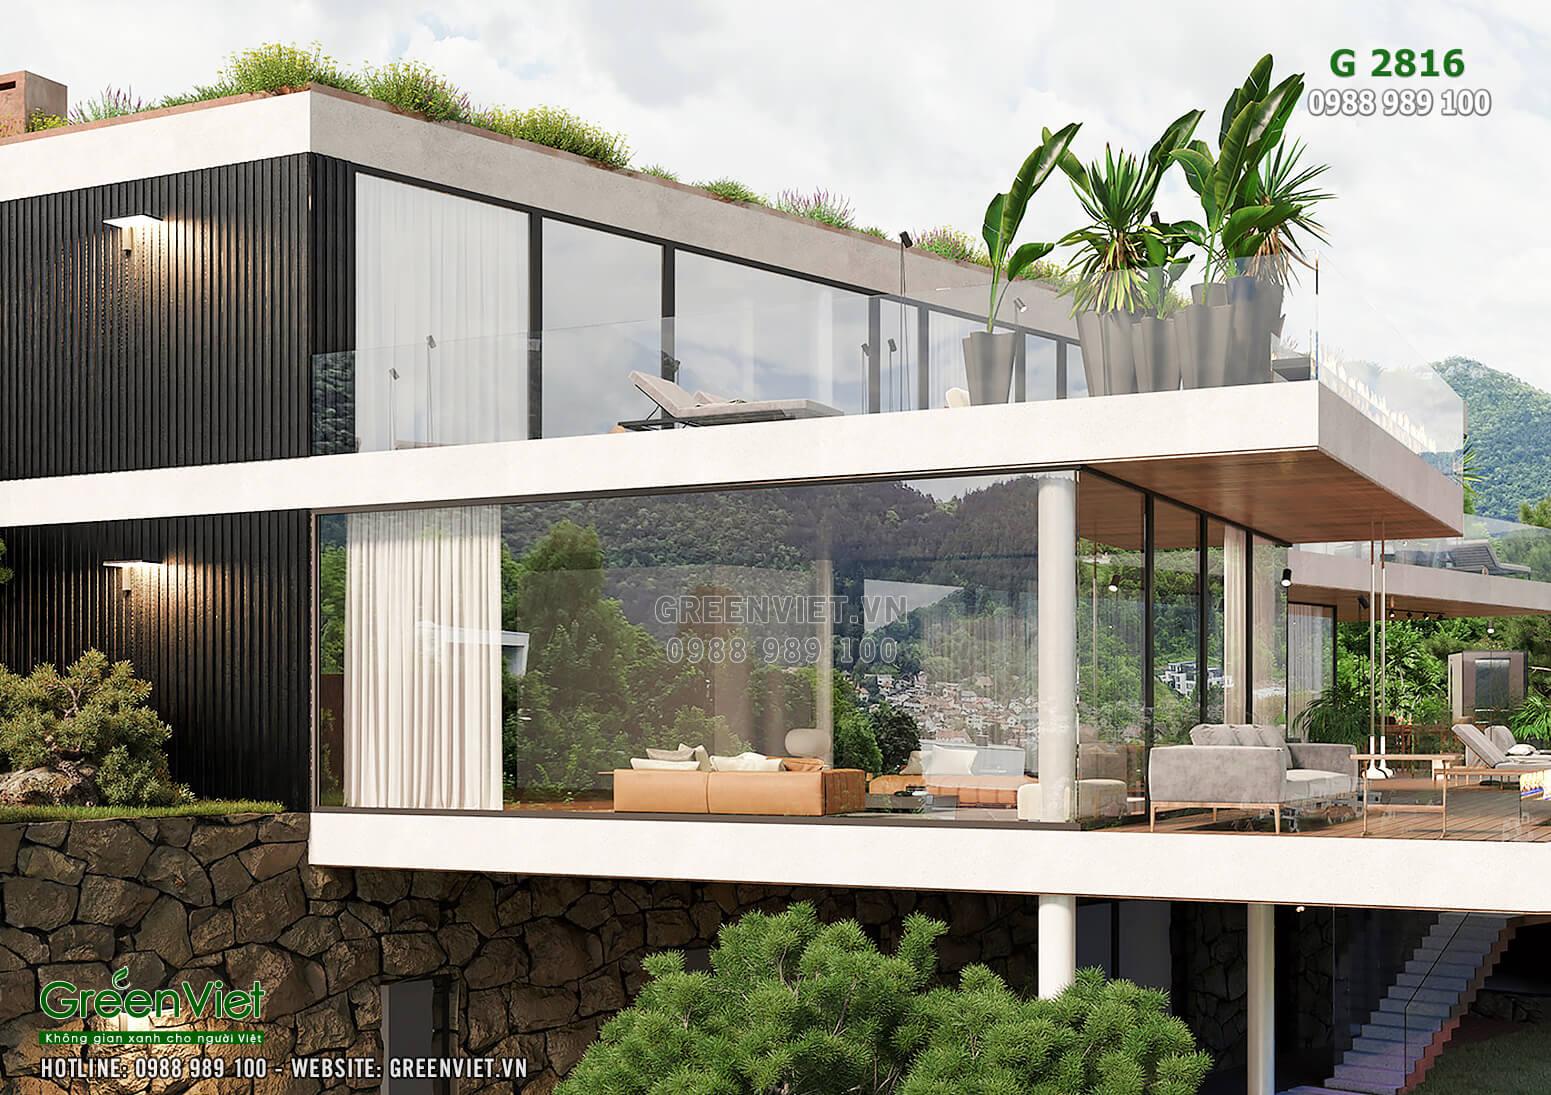 Chất liệu kính được ưu ái trong thiết kế villa hiện đại - G2816